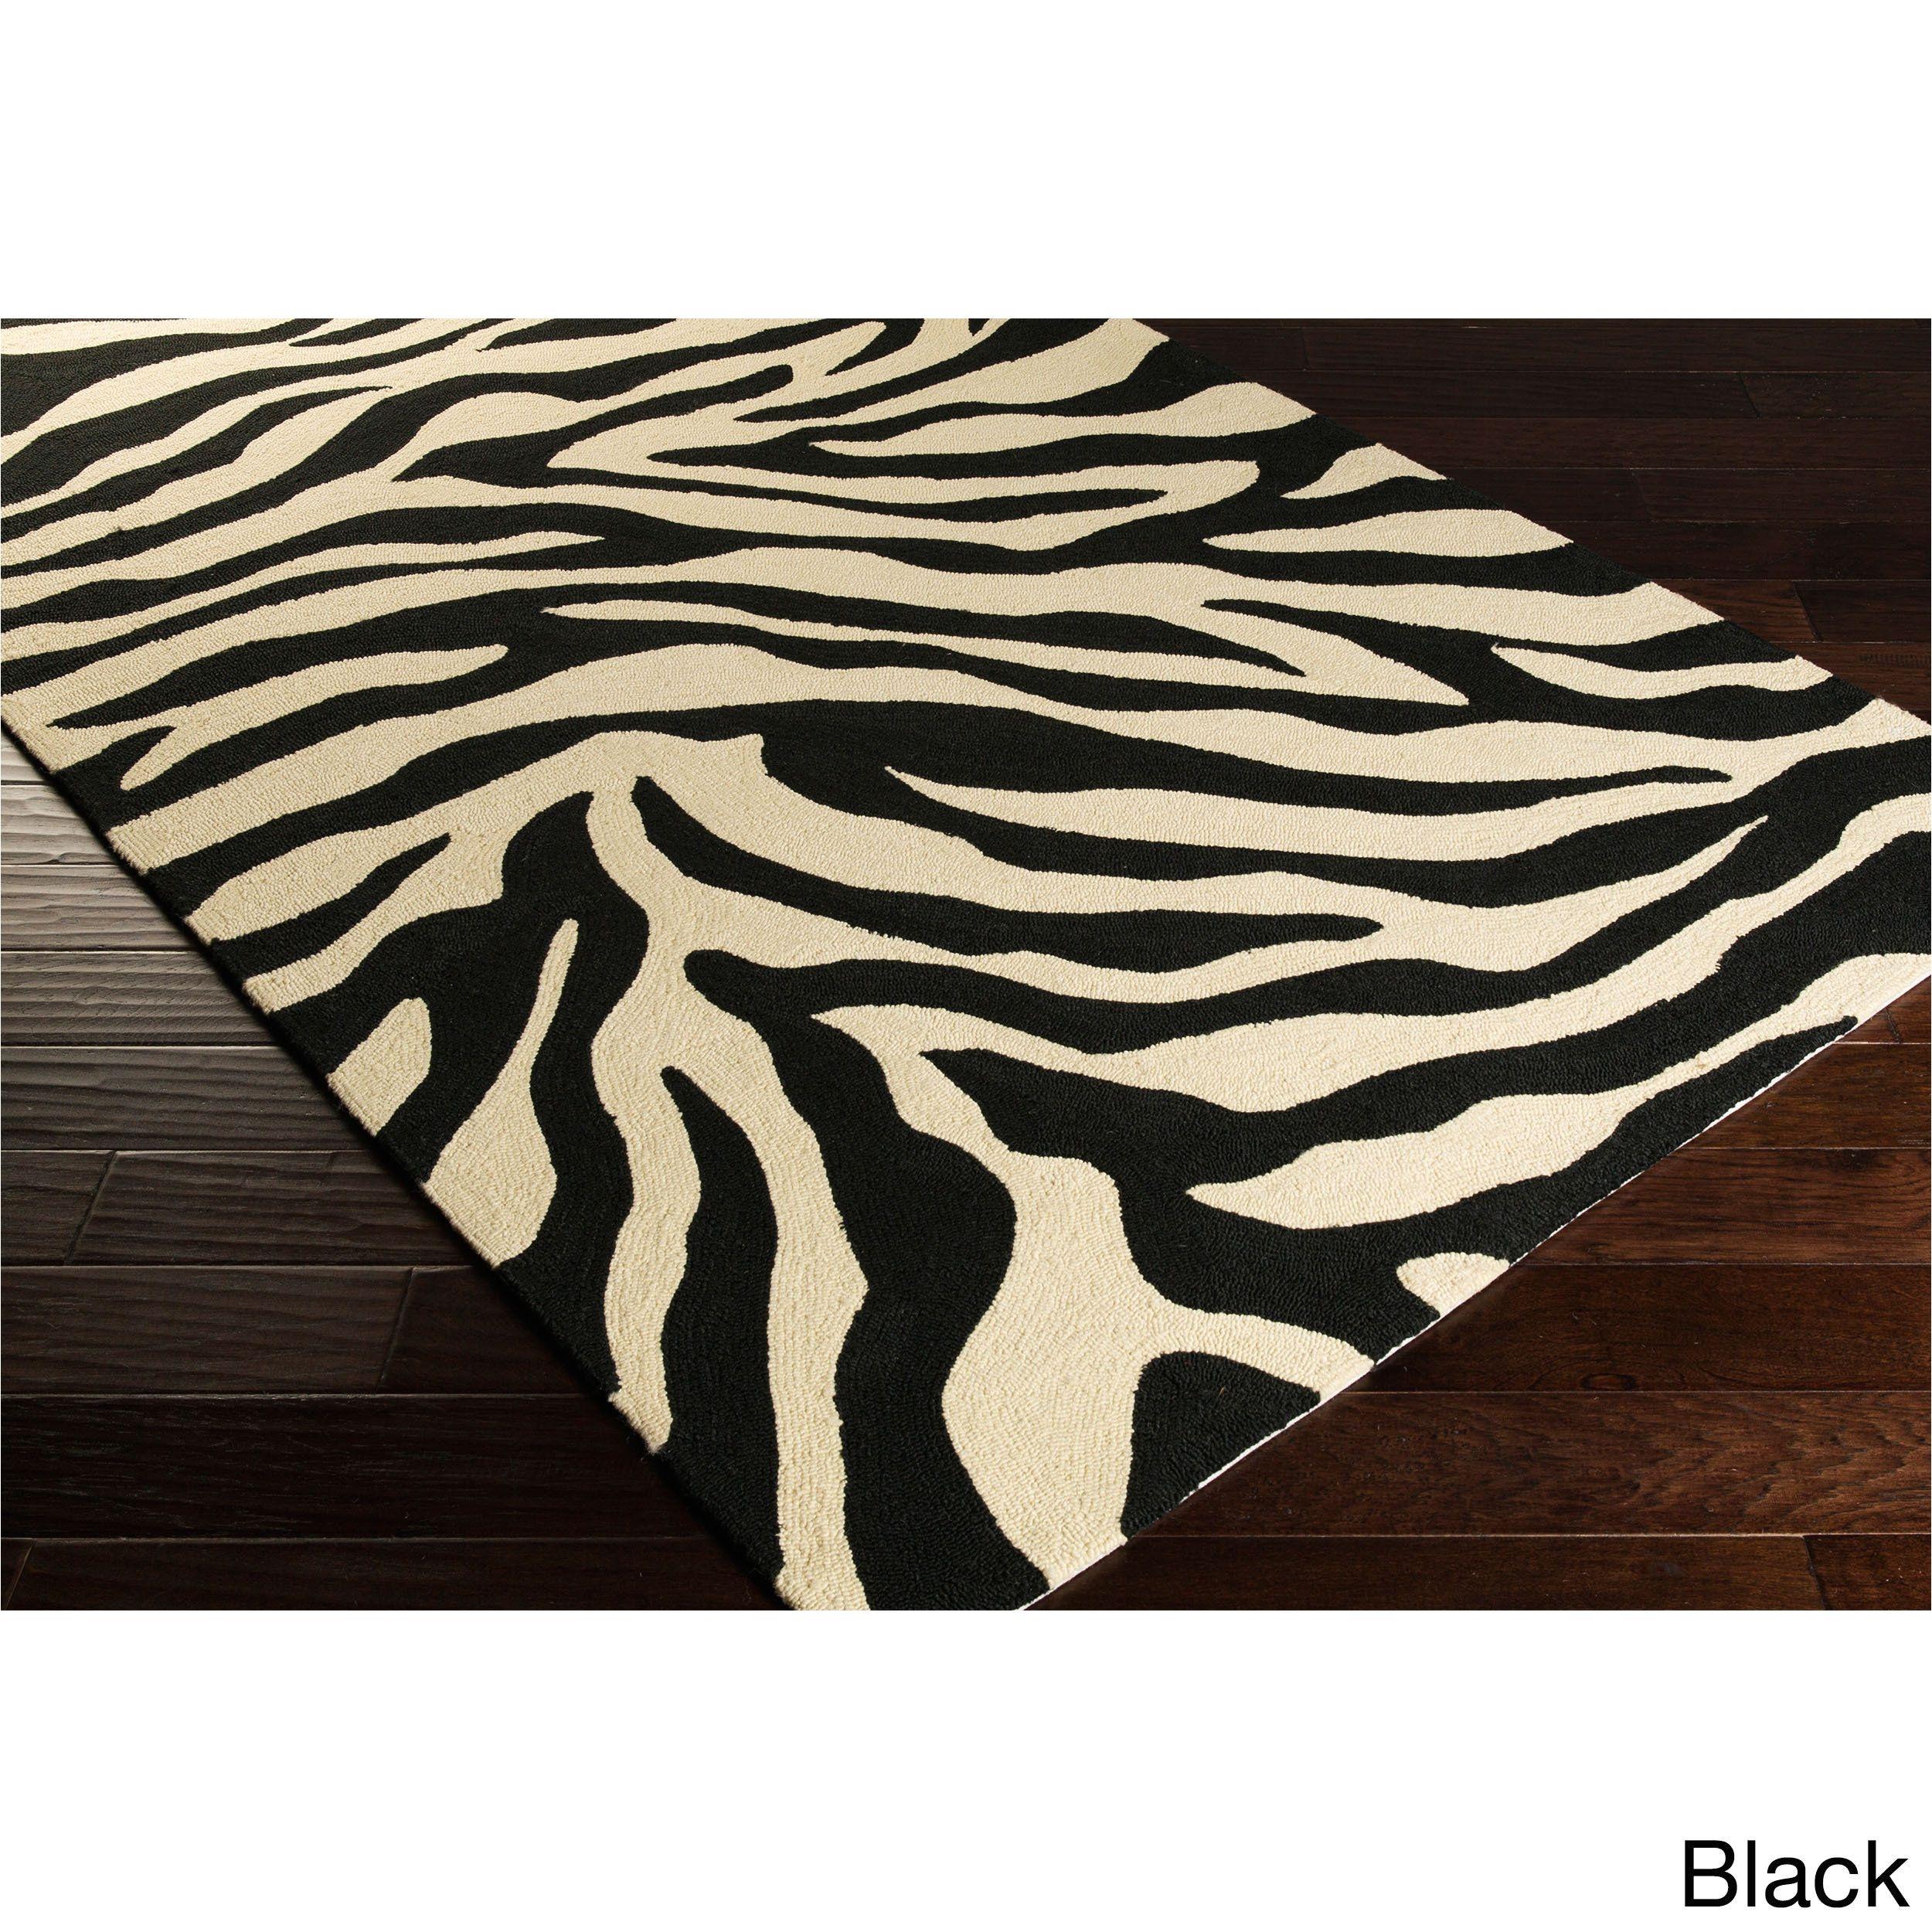 hand hooked adele zebra indoor outdoor polypropylene rug 2 6 x 8 green 2 6 x 8 green size 3 x 8